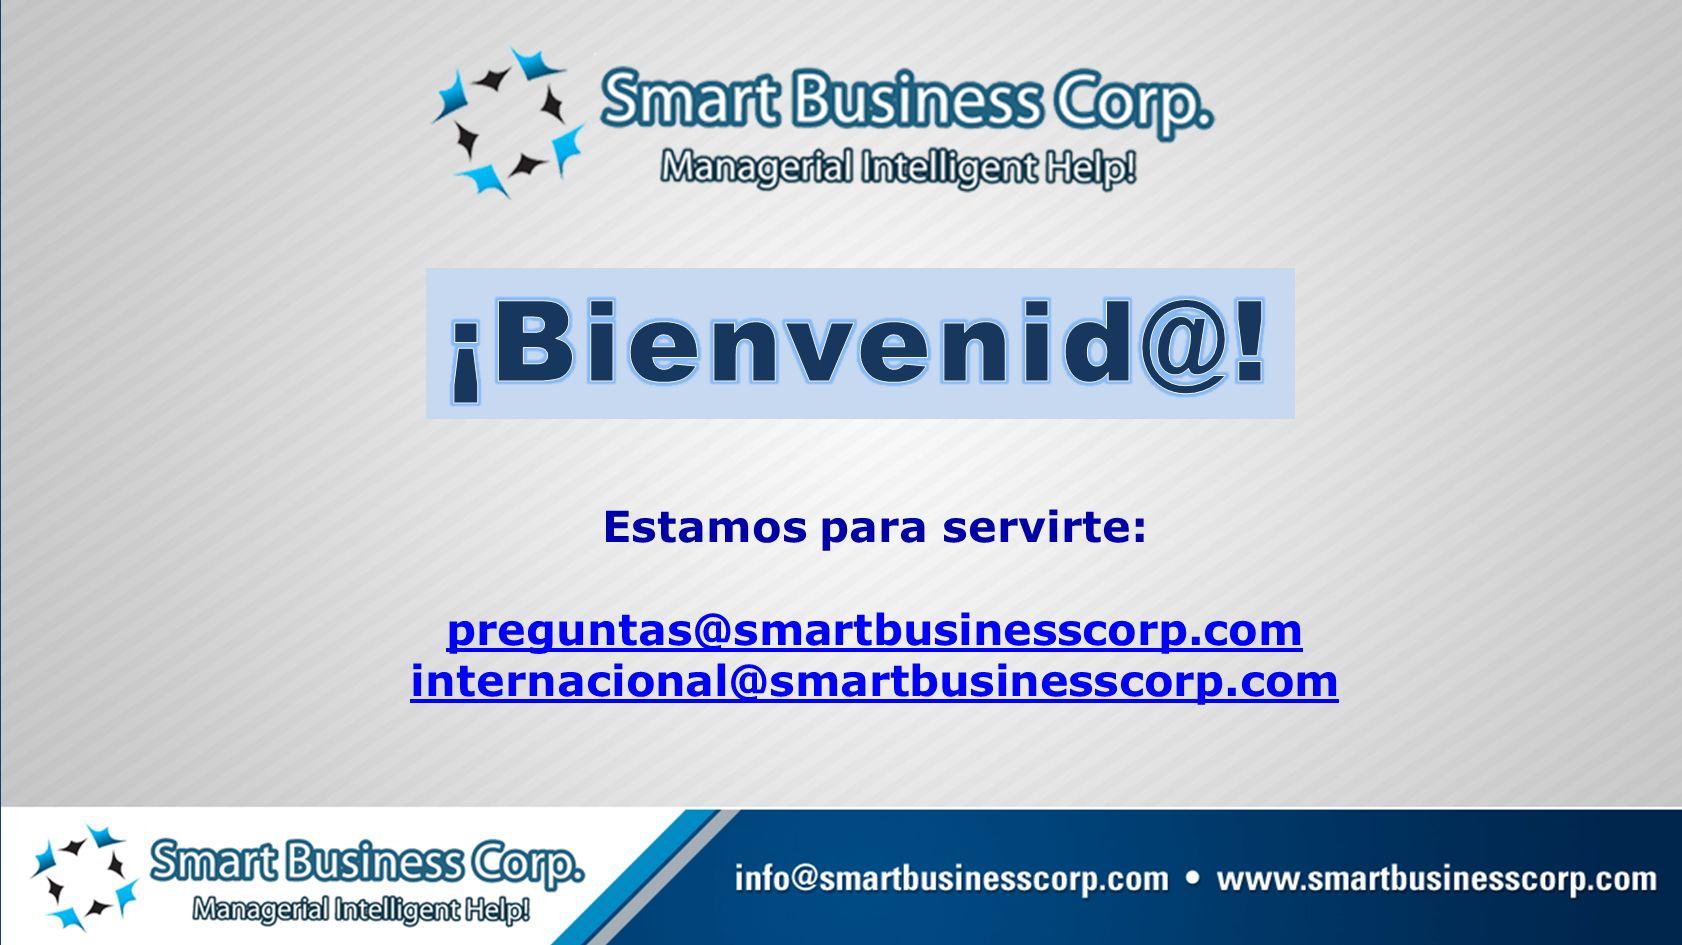 Estamos para servirte: preguntas@smartbusinesscorp.com internacional@smartbusinesscorp.com